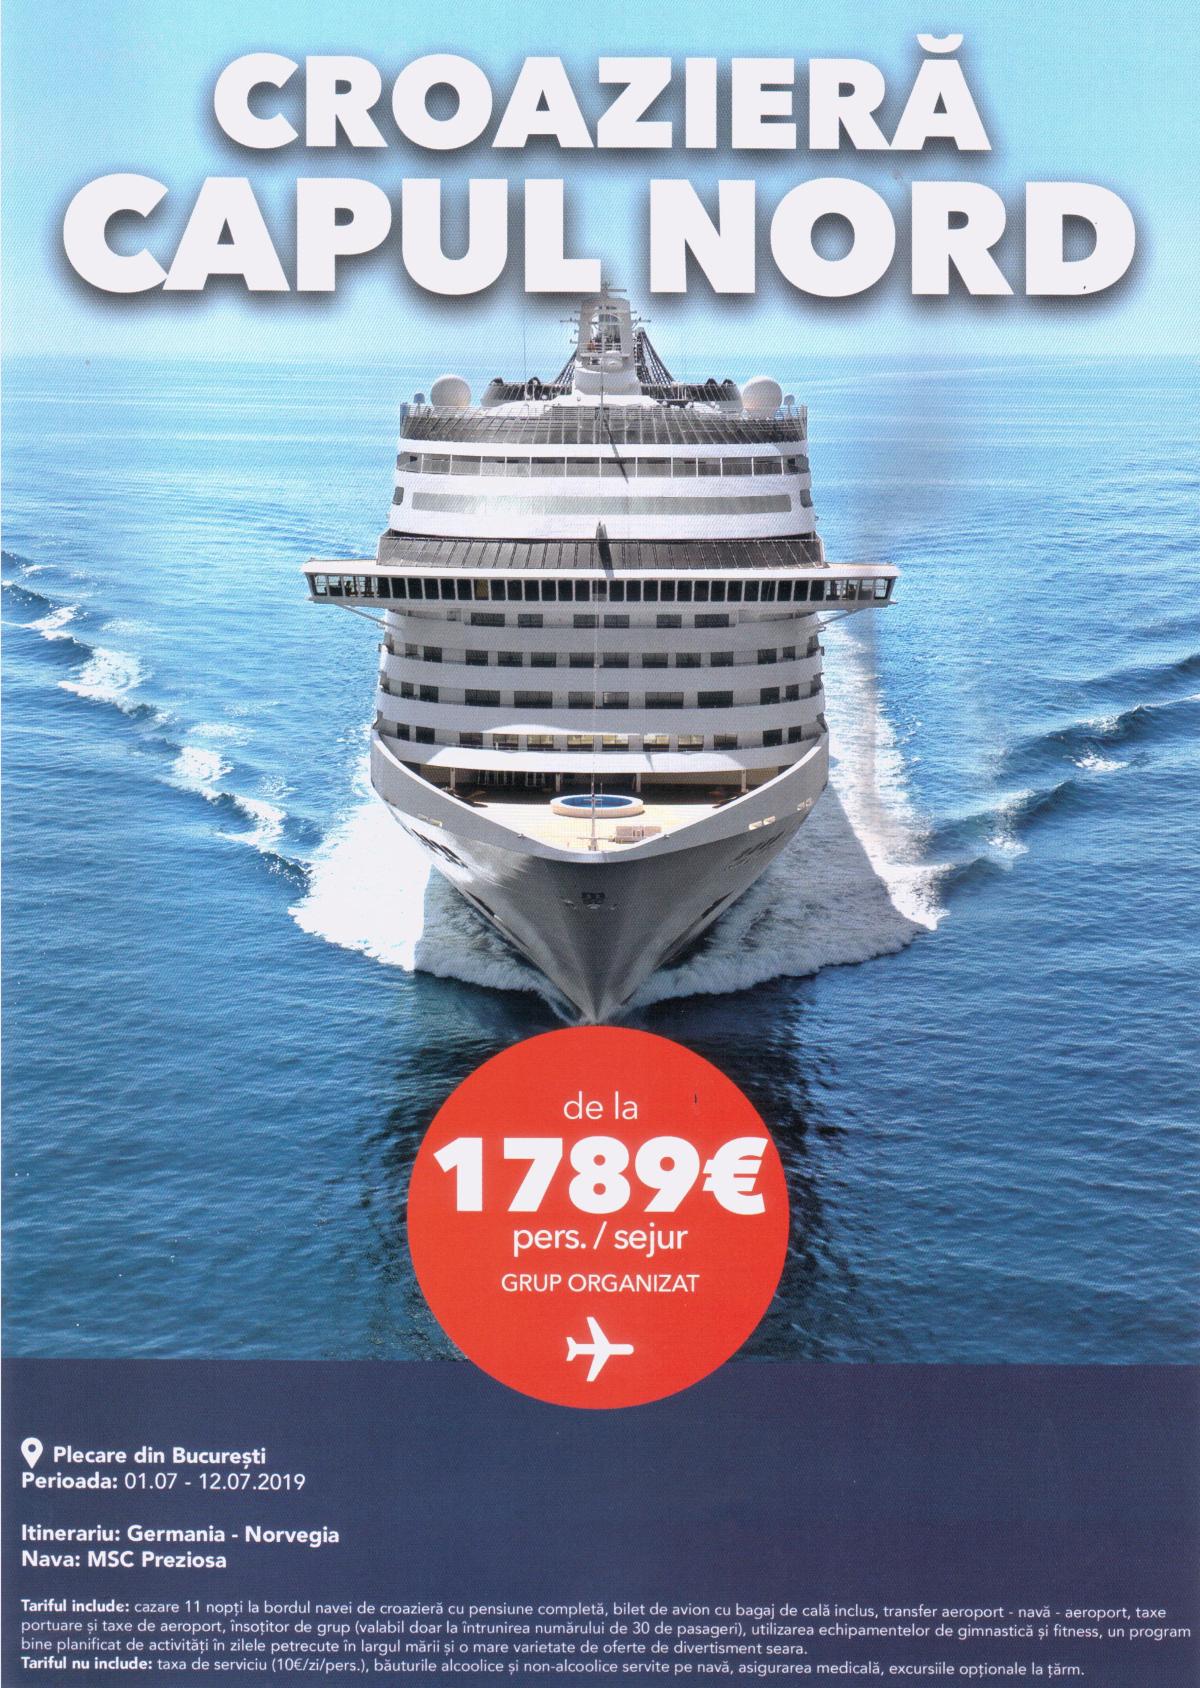 Croaziera vas Capul Nord Germania - Norvegia